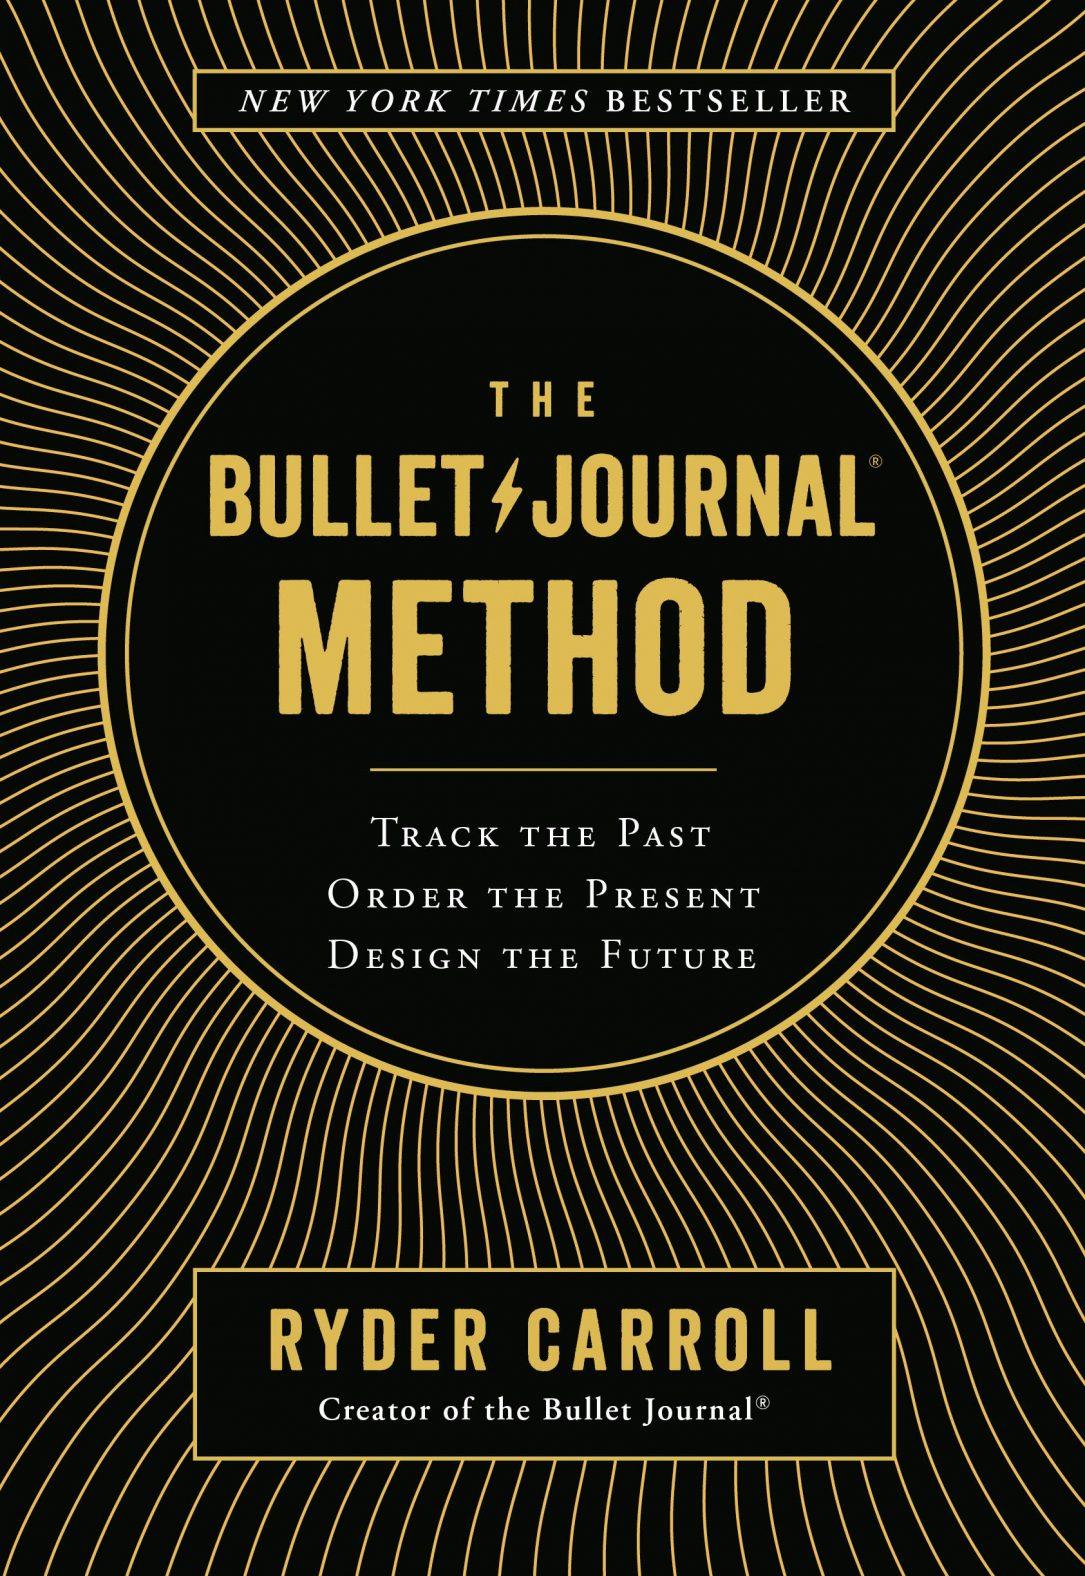 bullet-journal-method-book-amazon-e1582298606296.jpg